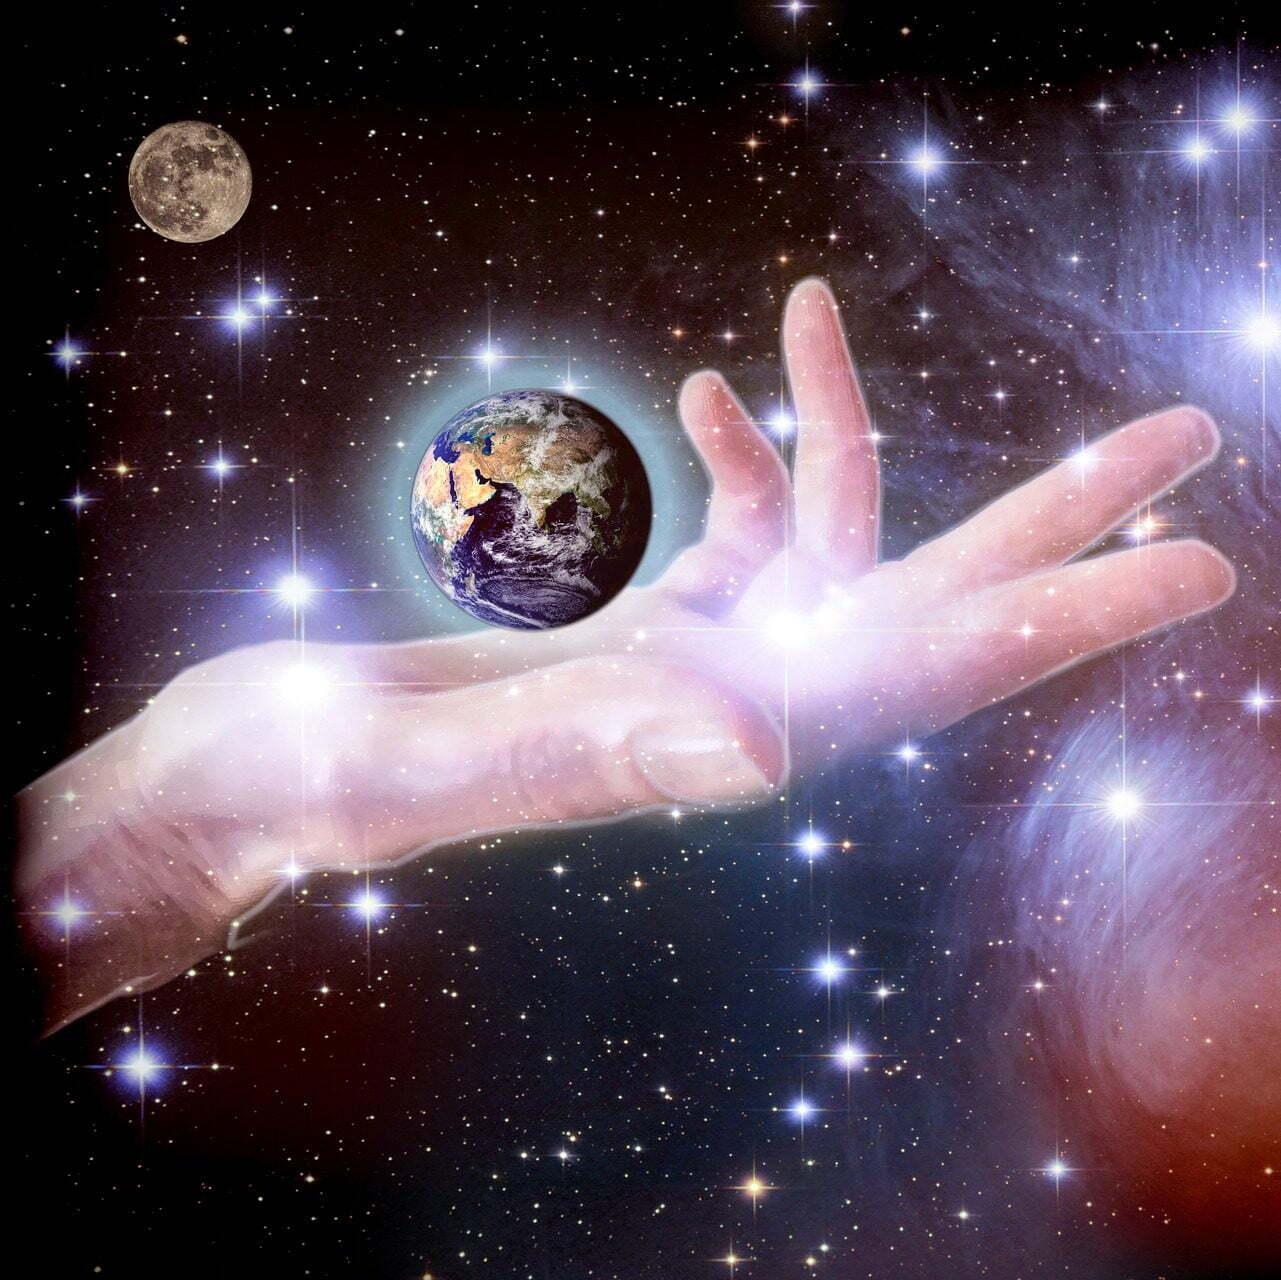 Überleben in der virtuellen Welt - Psychohygiene und digitale Semantik